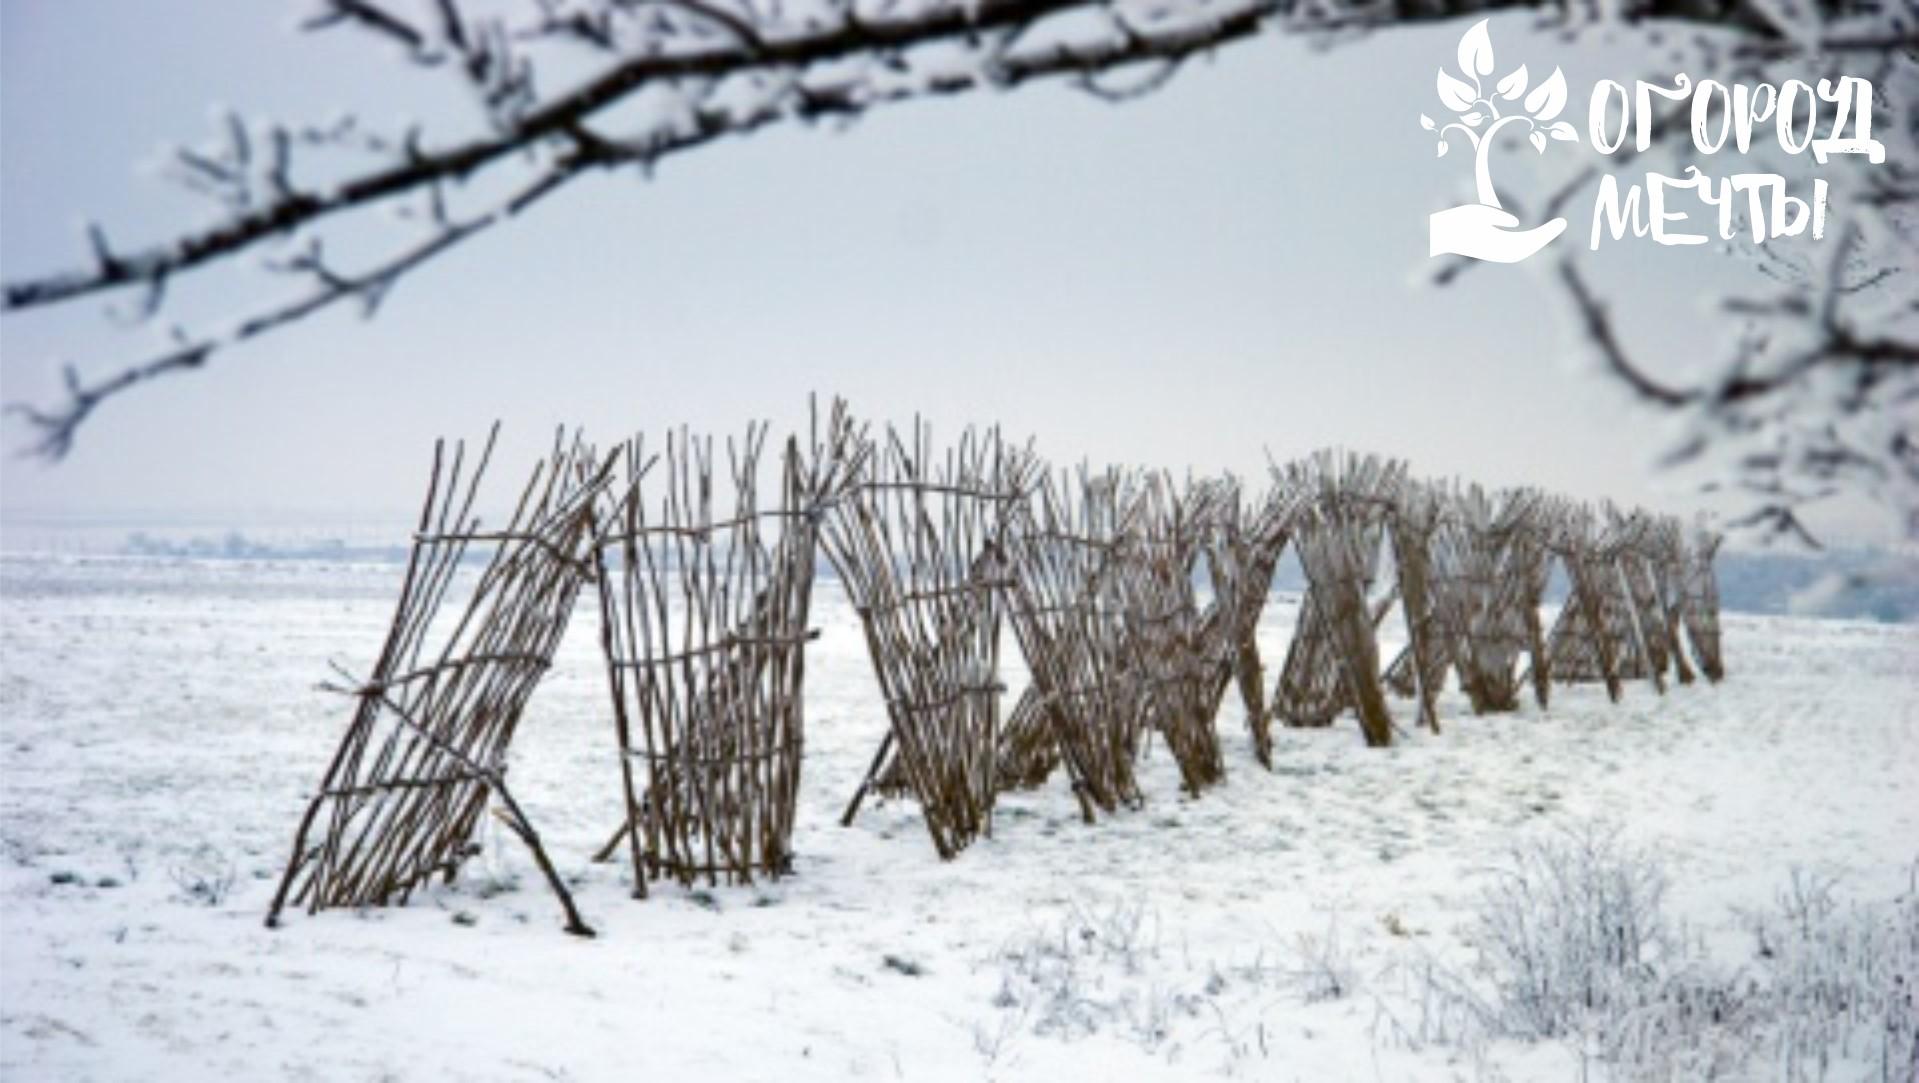 Сооружение щитов для снегозадержания